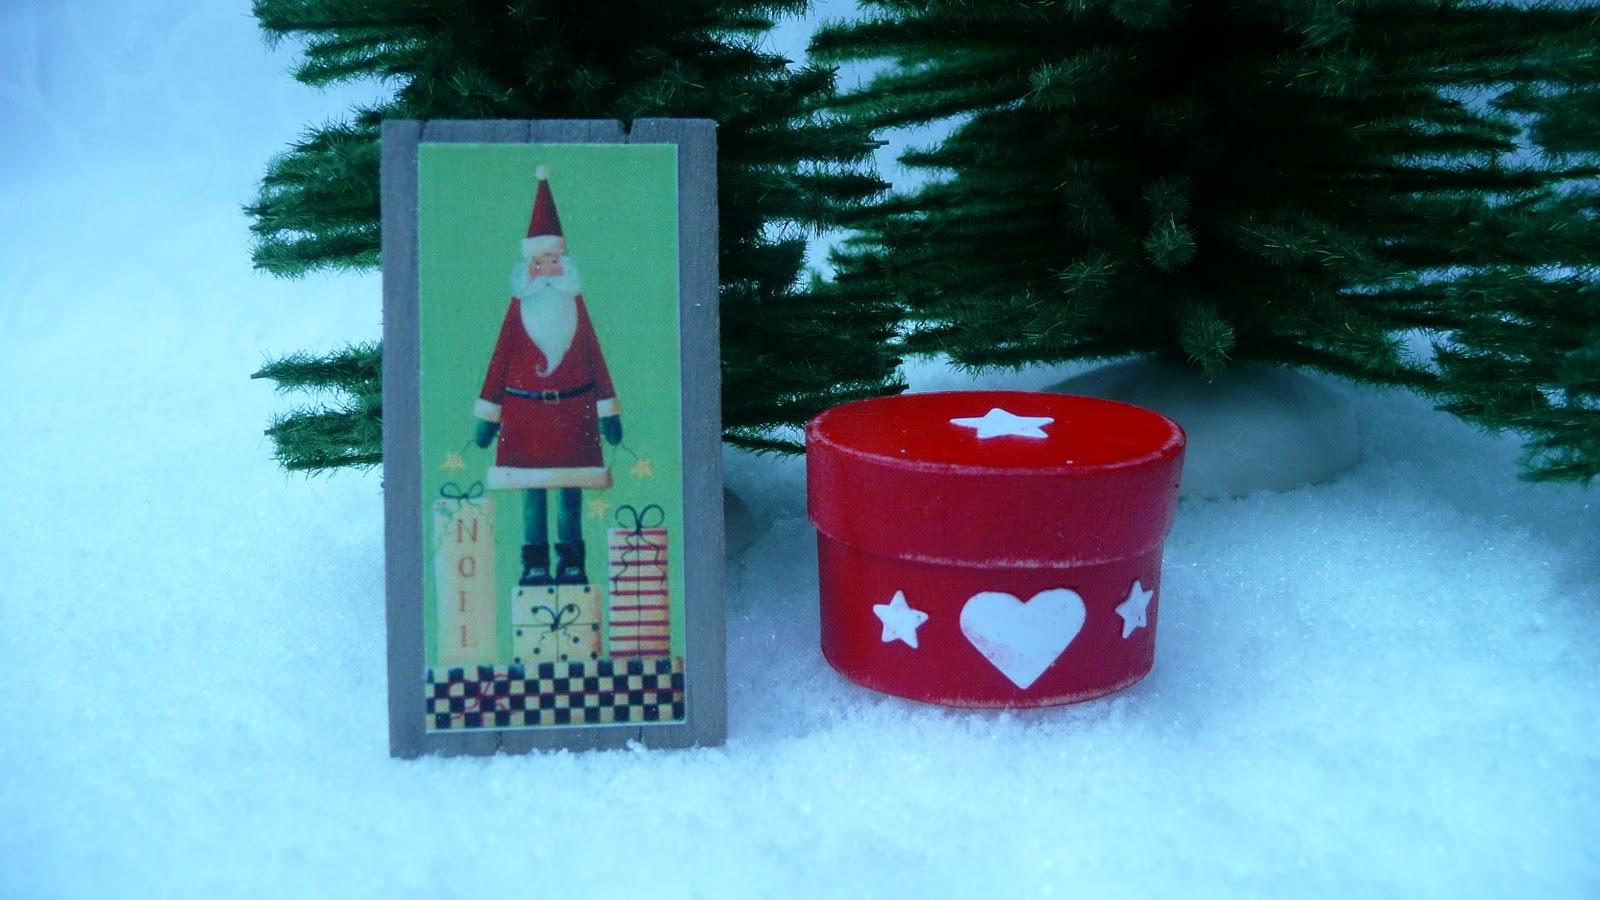 Les carnets de l 39 atelier blondie mini cadeaux de no l vendre mini ch - Cadeaux de noel a vendre ...